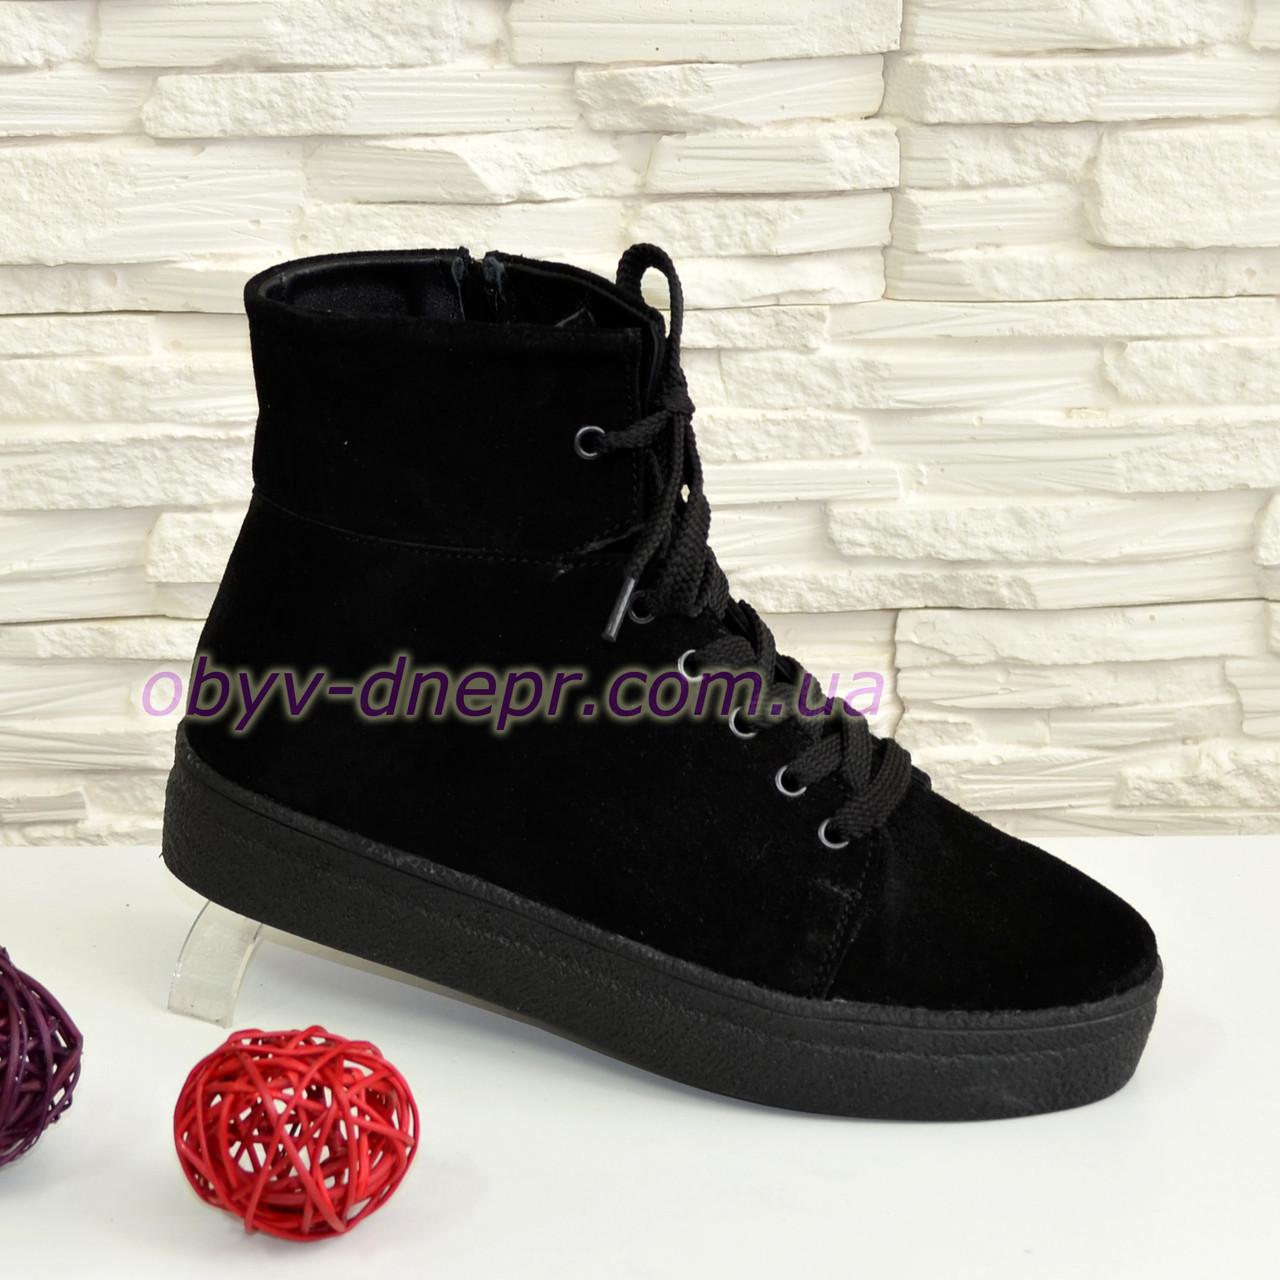 Ботинки демисезонные женские замшевые на утолщенной подошве, черный цвет.